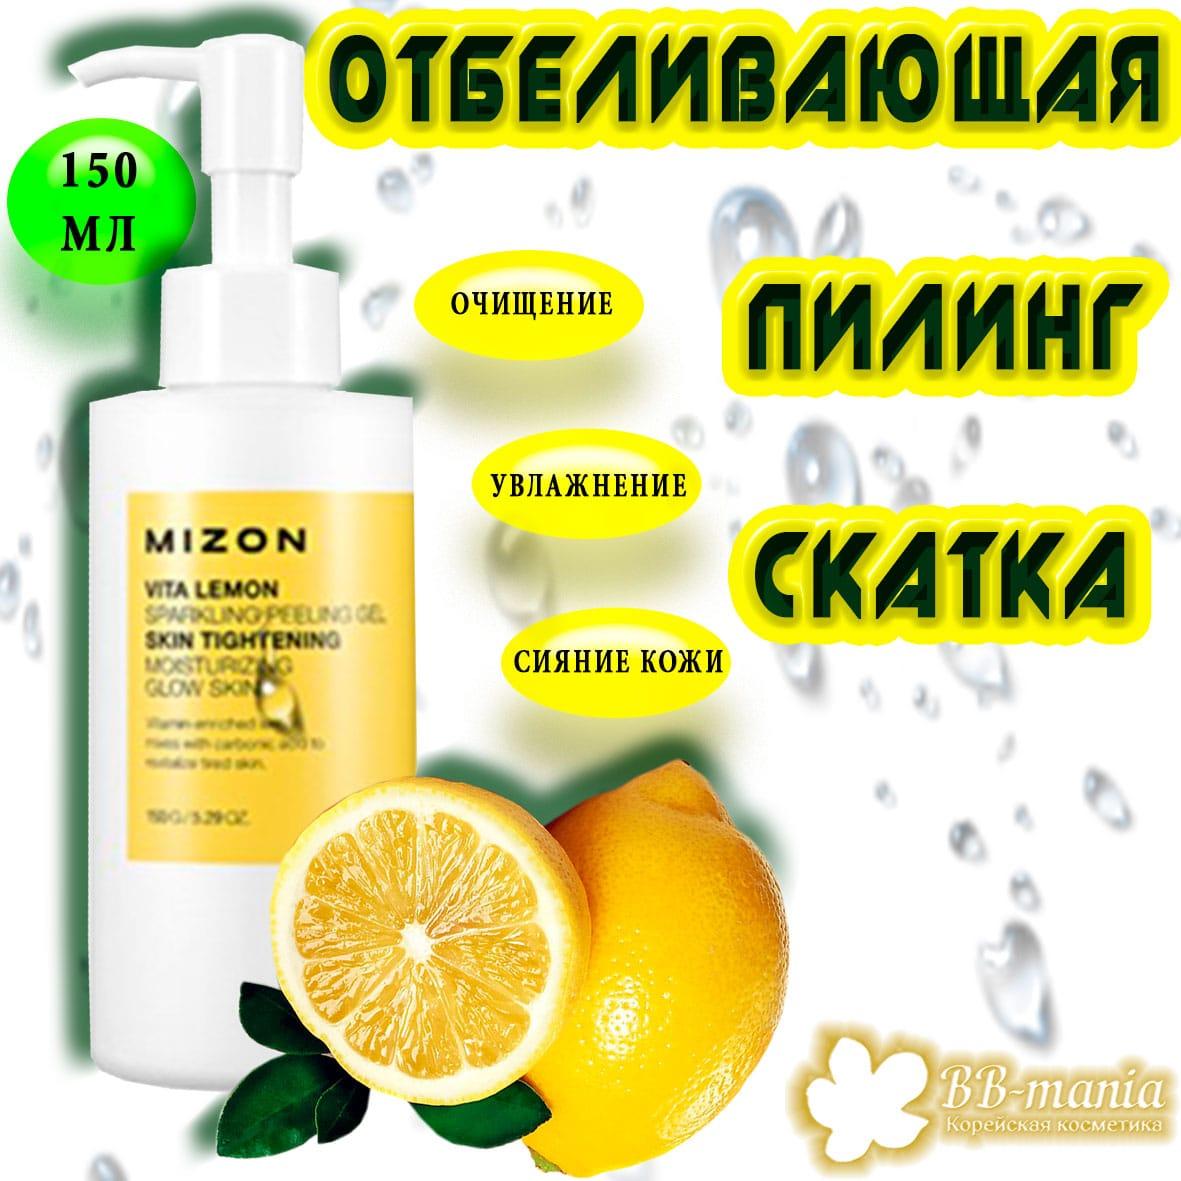 Vita Lemon Sparkling Peeling Gel [Mizon]